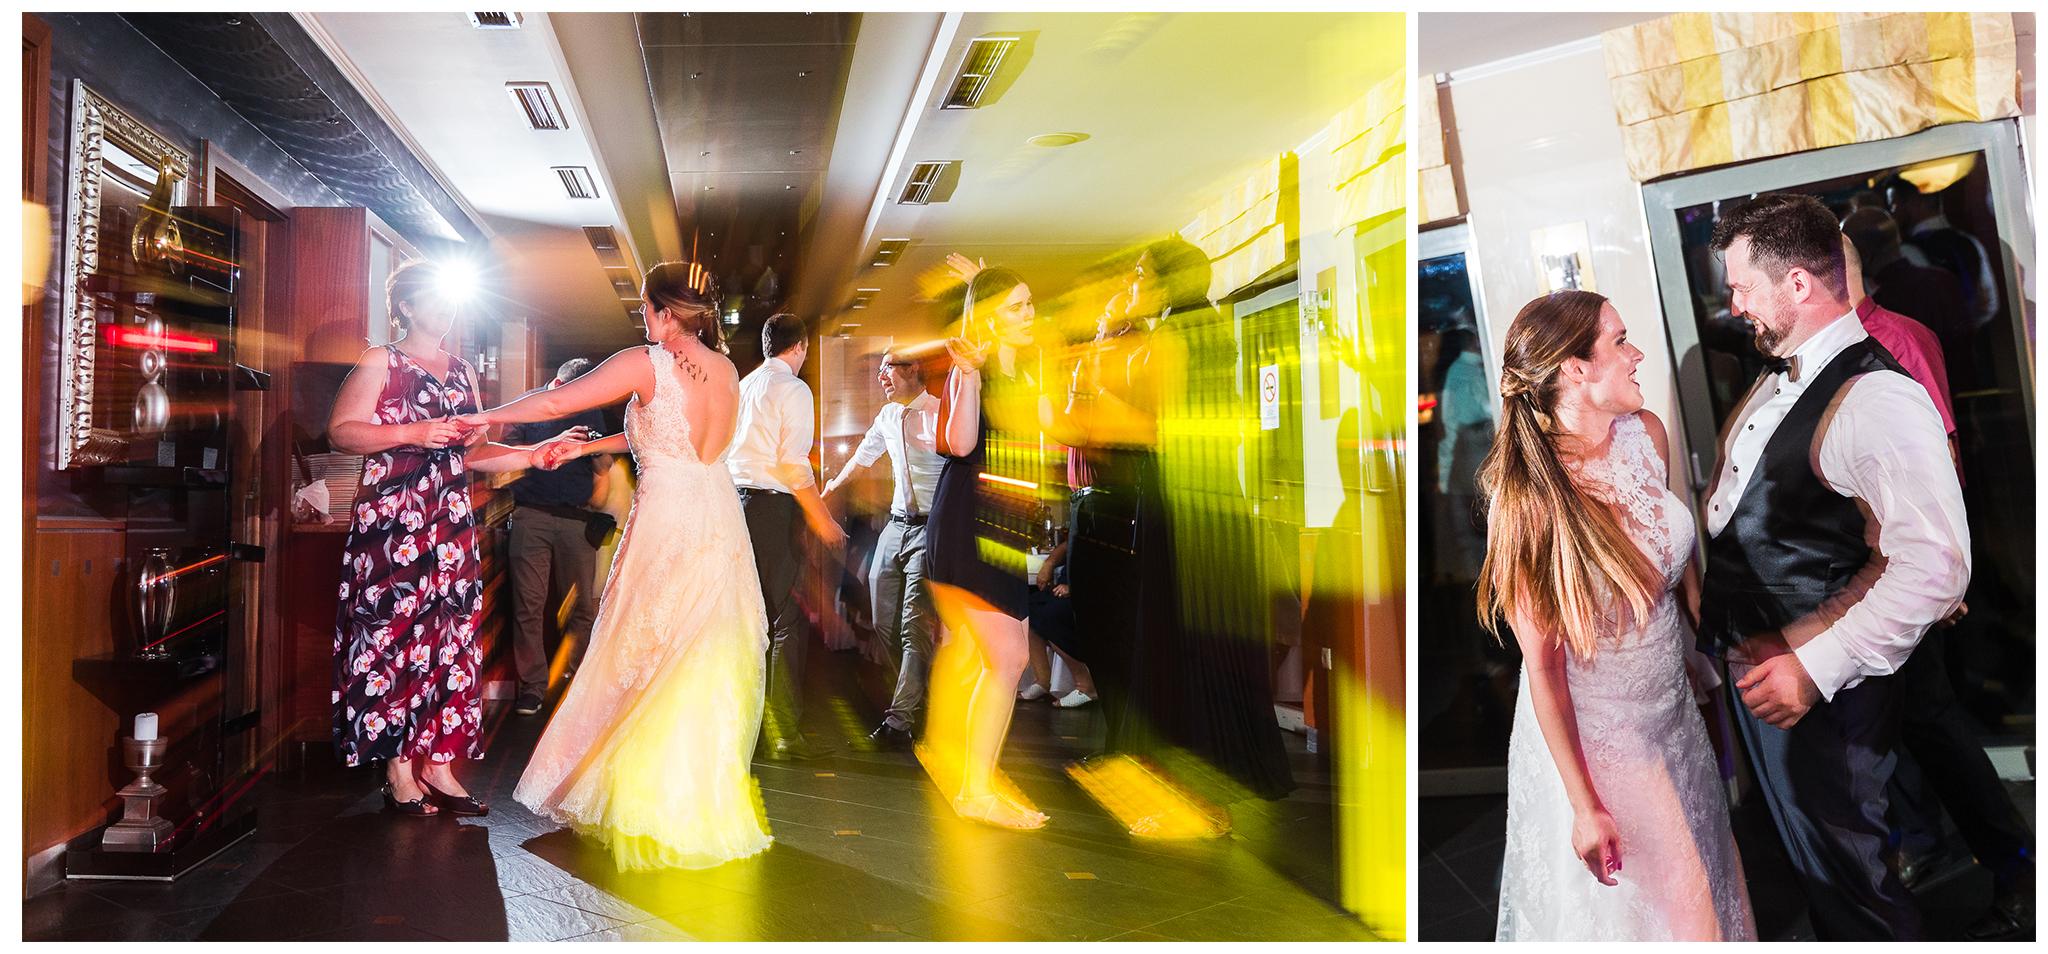 MONT_FylepPhoto, Esküvőfotós Vasmegye, Esküvő fotózás, Esküvői fotós, Körmend, Vas megye, Dunántúl, Budapest, Fülöp Péter, Jegyes fotózás, jegyes, kreatív, kreatívfotózás,Wien,Ausztira,Österreich,hochzeitsfotograf_V&M_051.jpg